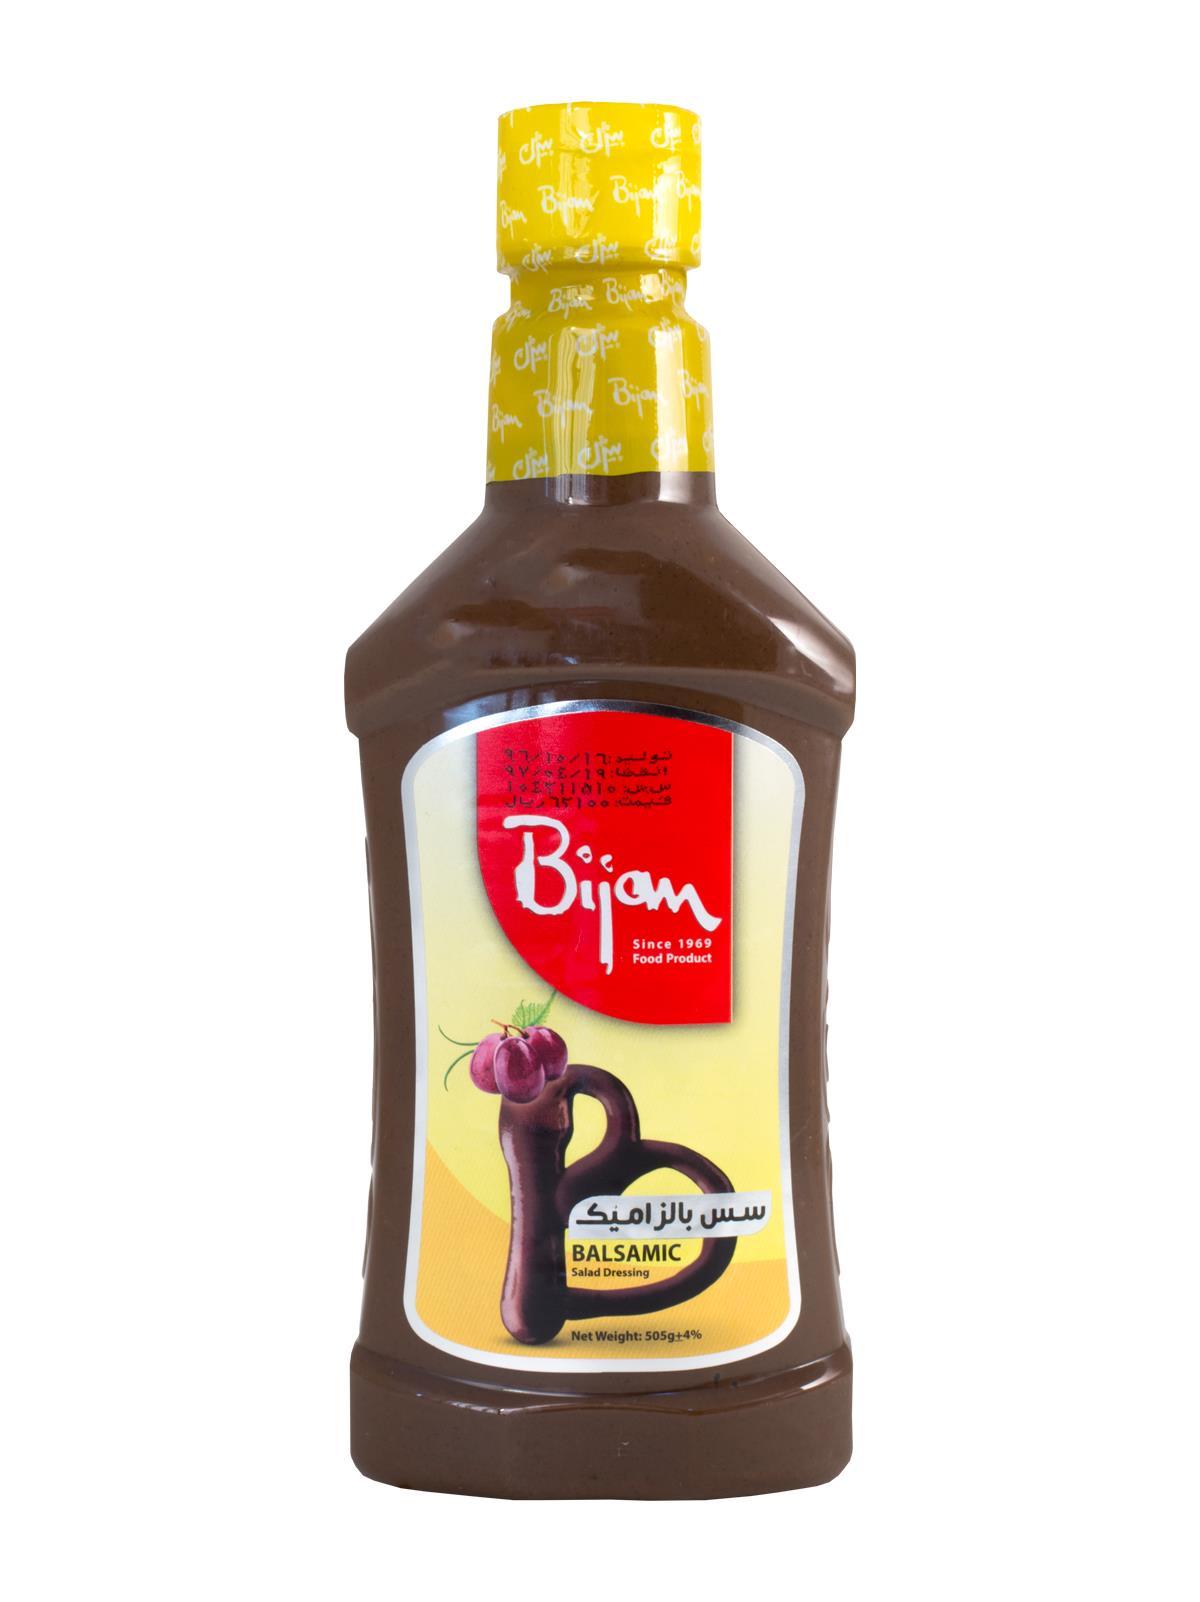 سس سالاد بالزامیک بیژن 505 گرم